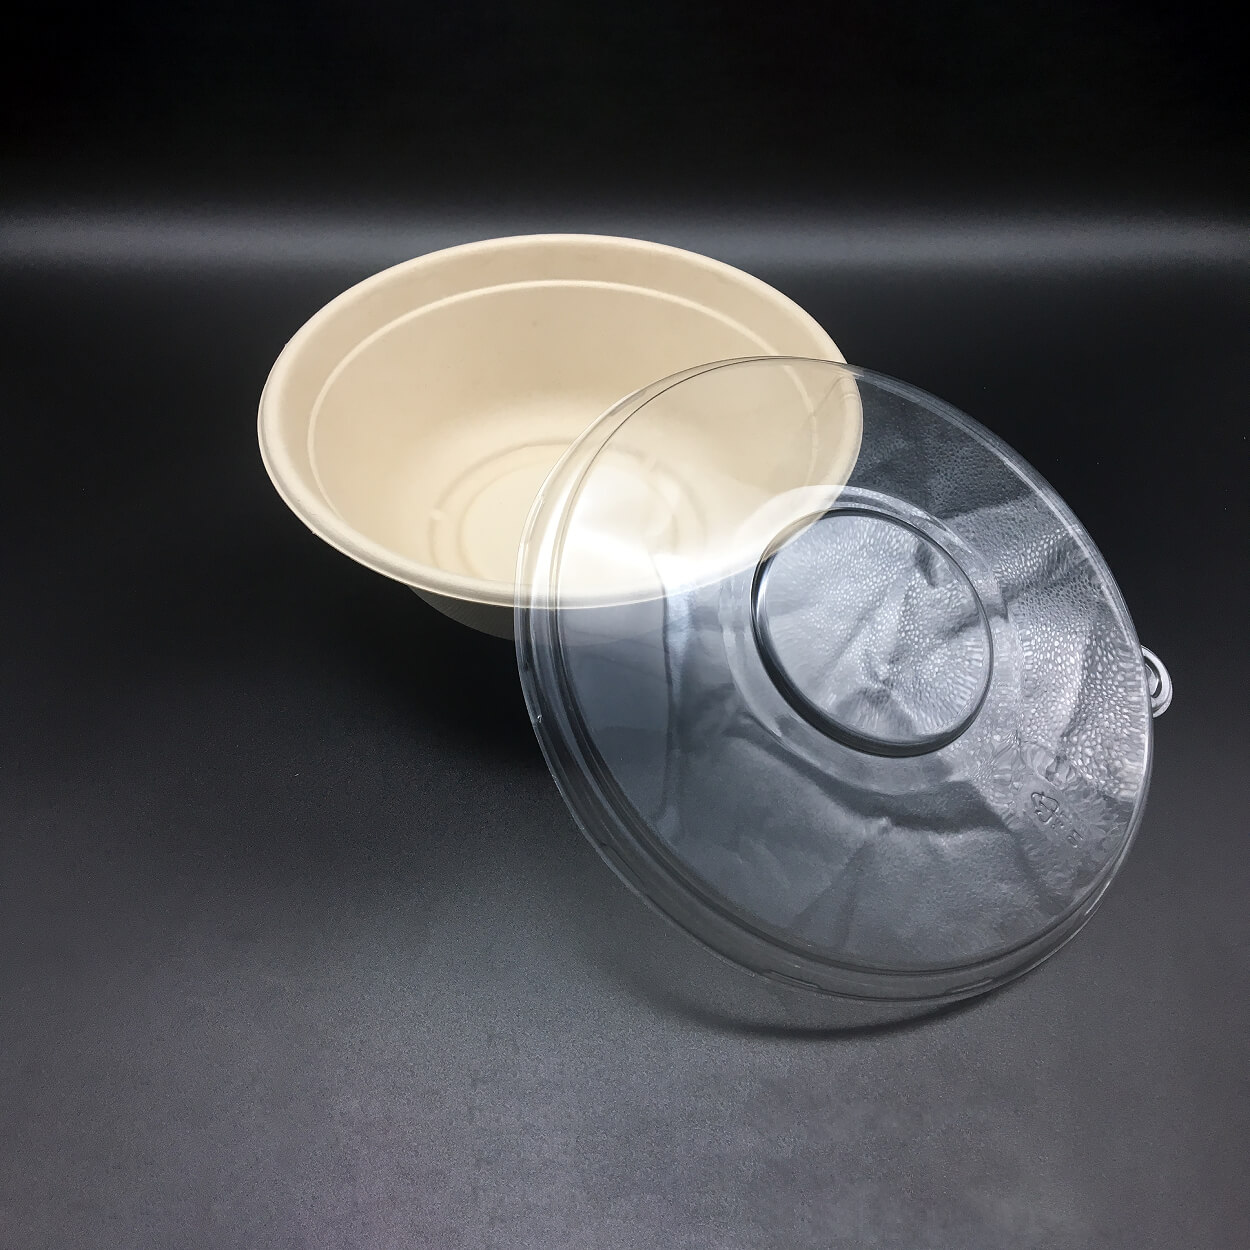 ΚΑΠΑΚΙ ΡΕΤ Φλατ για ΣΤΡΟΓΓ. Sugar Bowl 24/32/40oz (25τ)